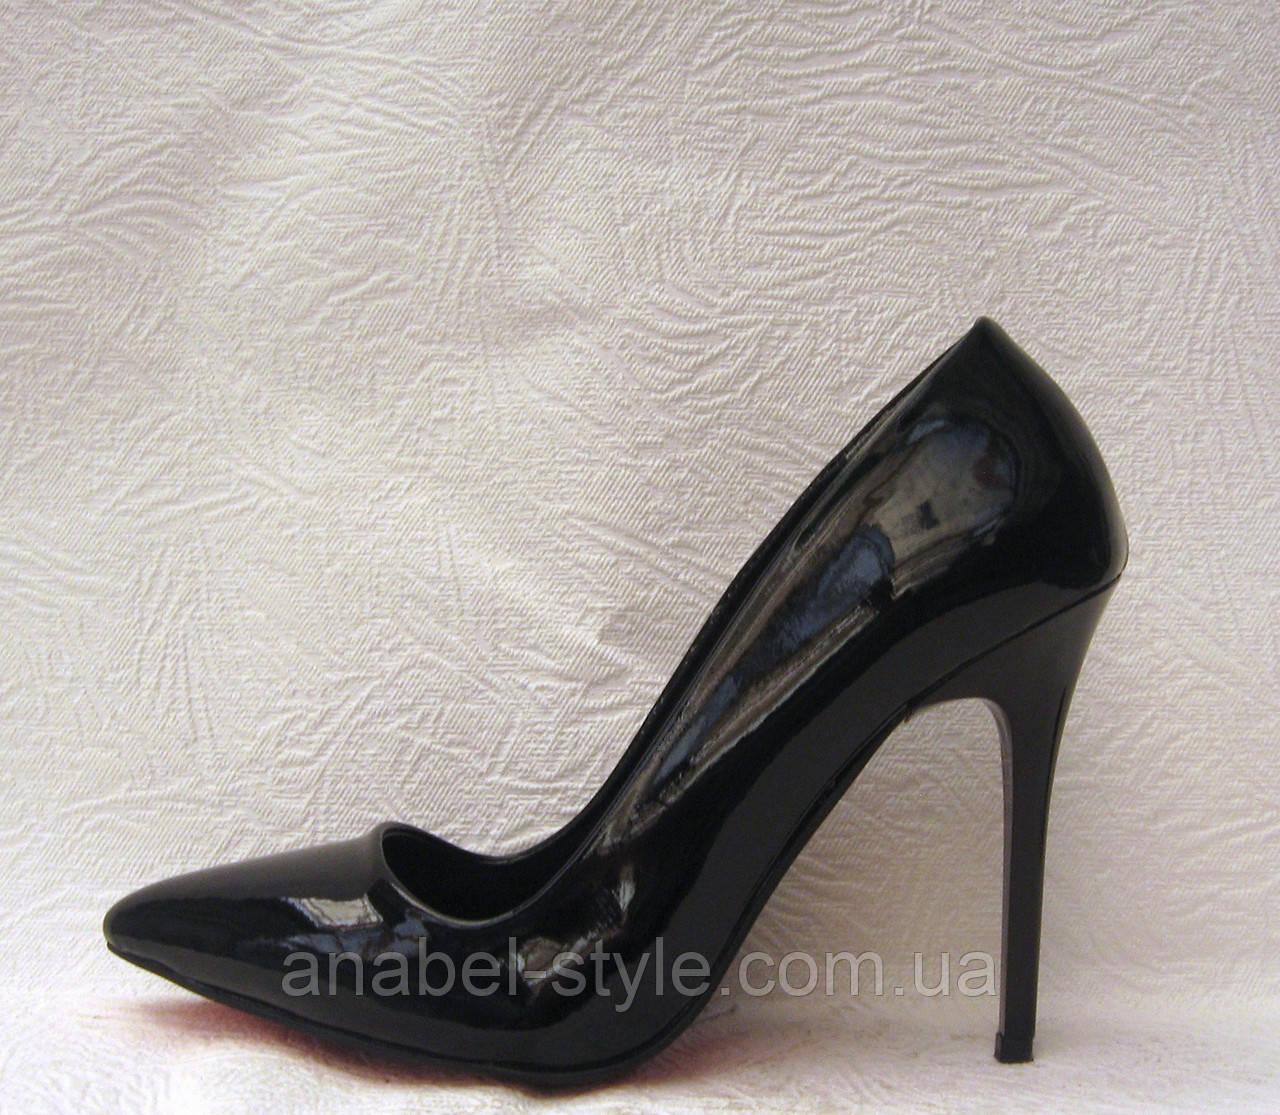 Туфли лодочки женские стильные лаковые черные на шпильке